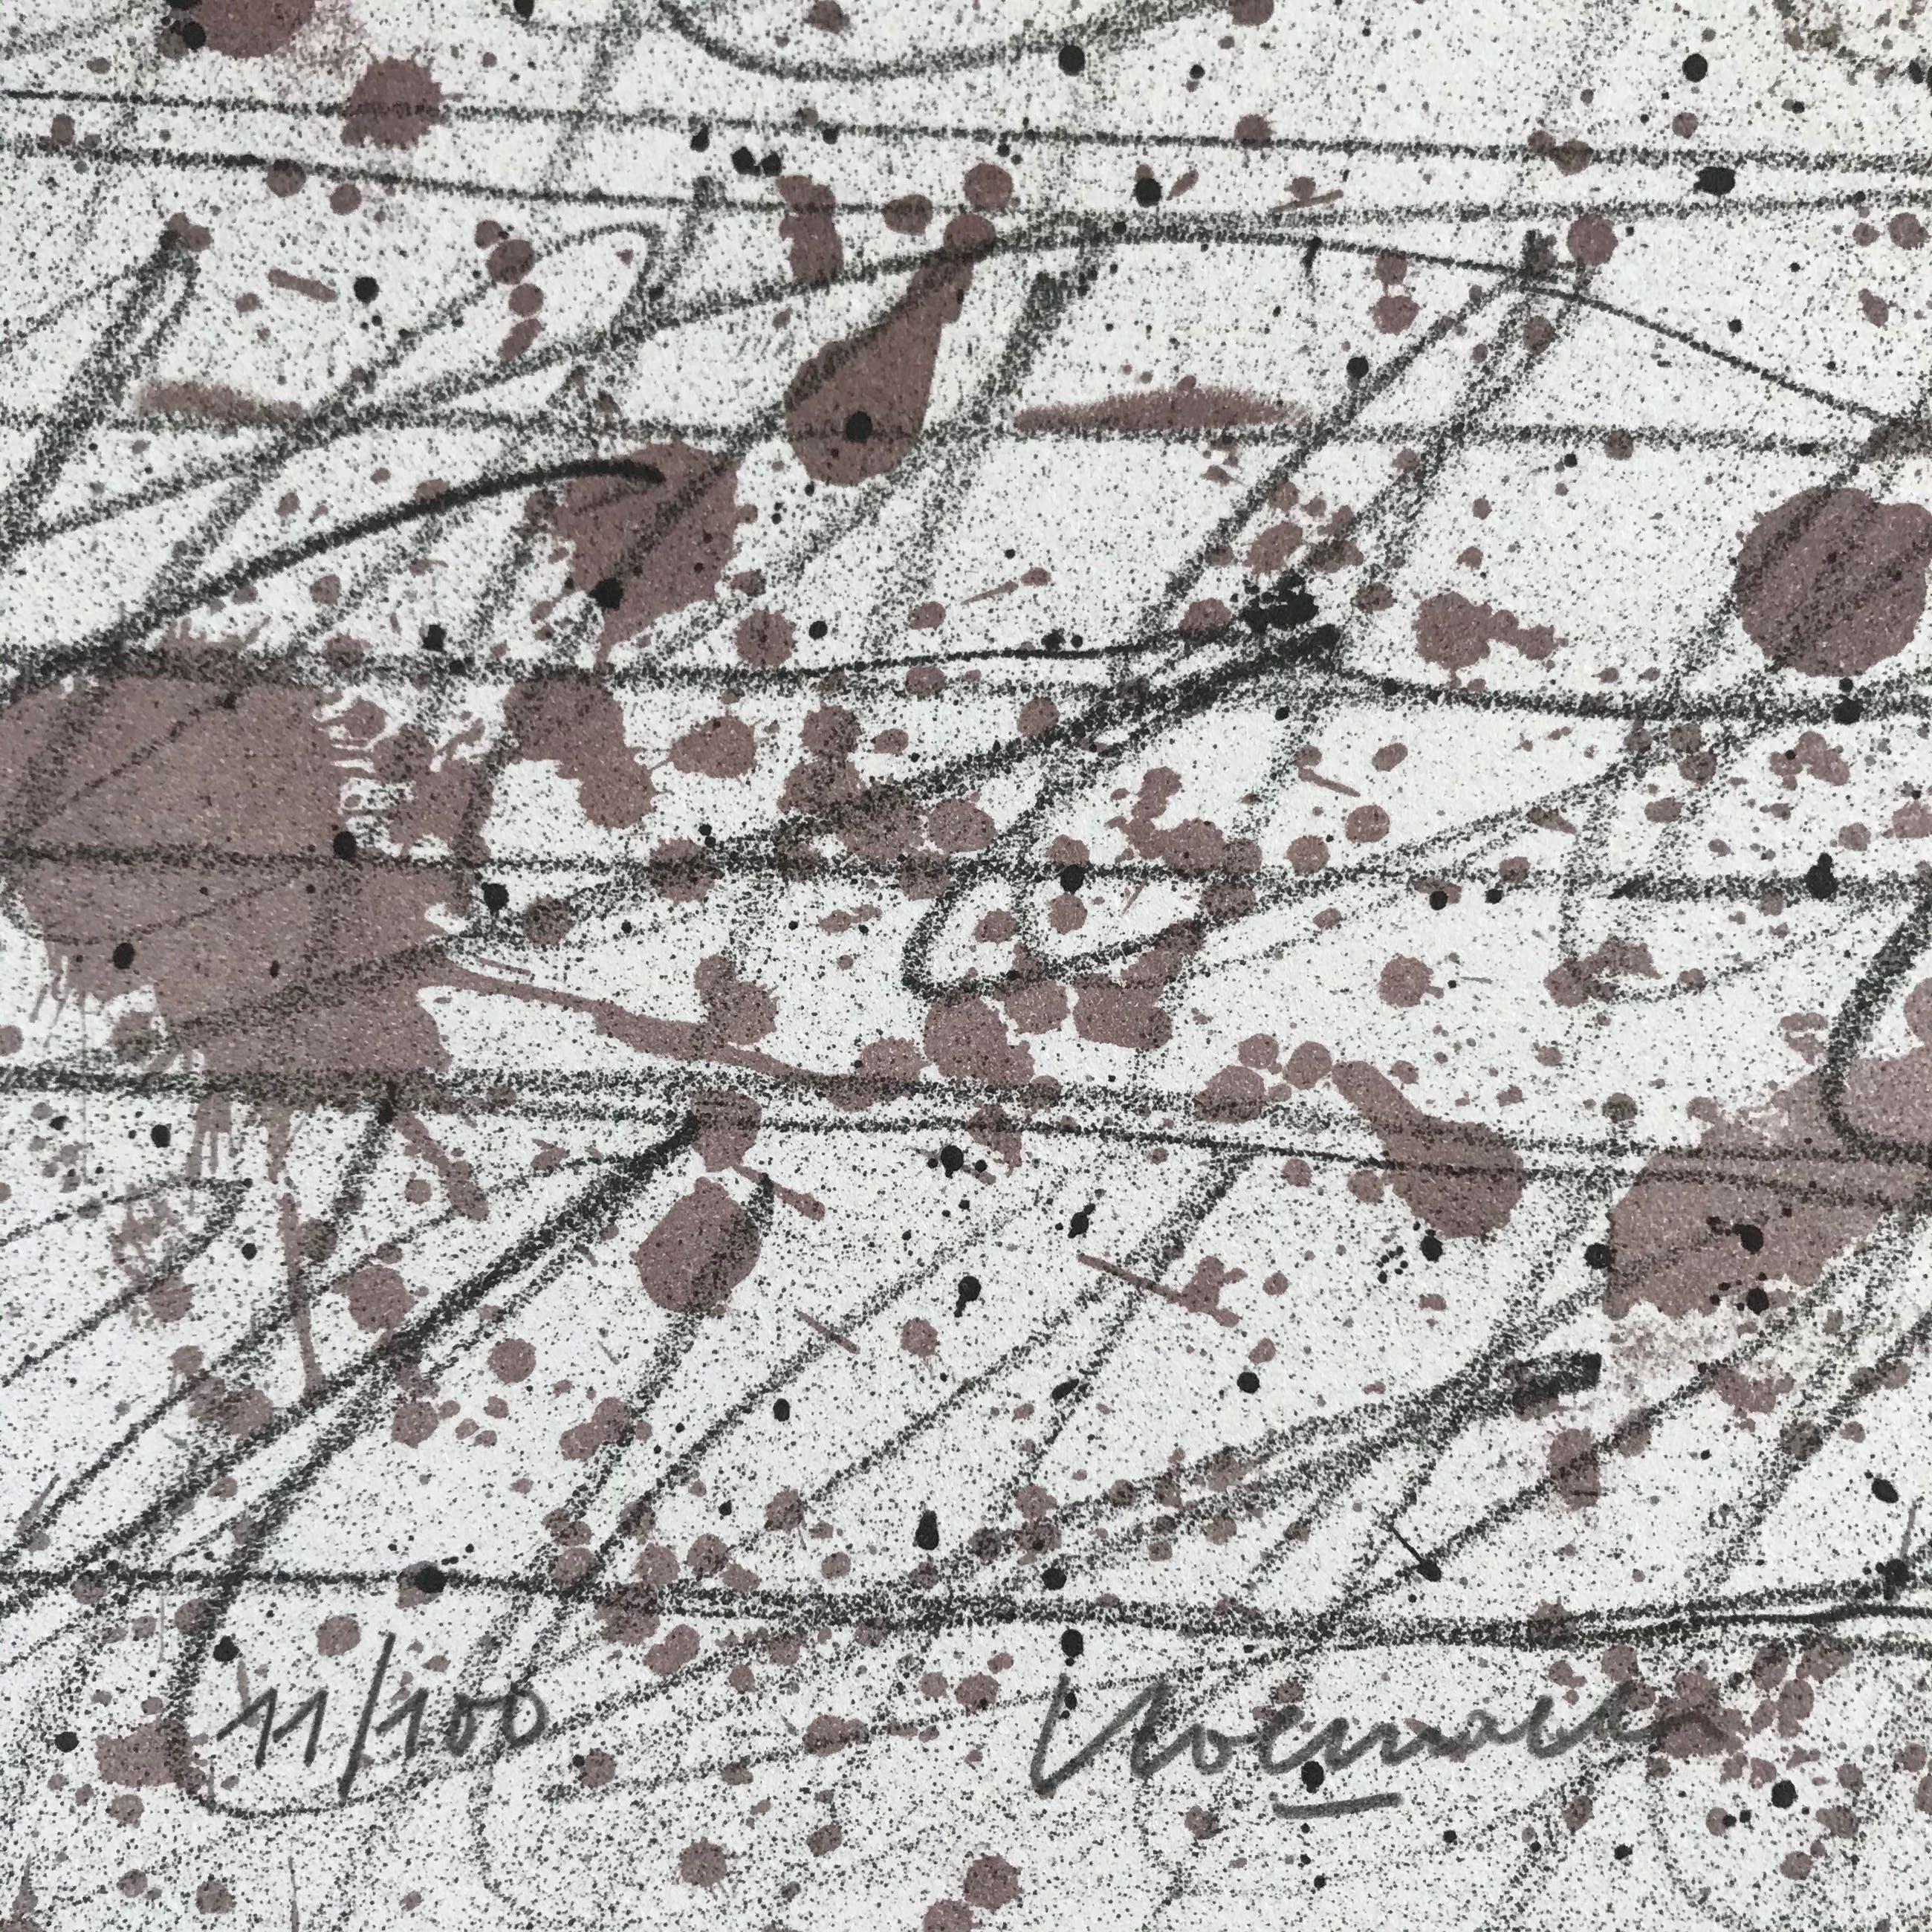 Luc Hoenraet - Kleurenzeefdruk - Gesigneerd - 1981 - 11/100 kopen? Bied vanaf 75!